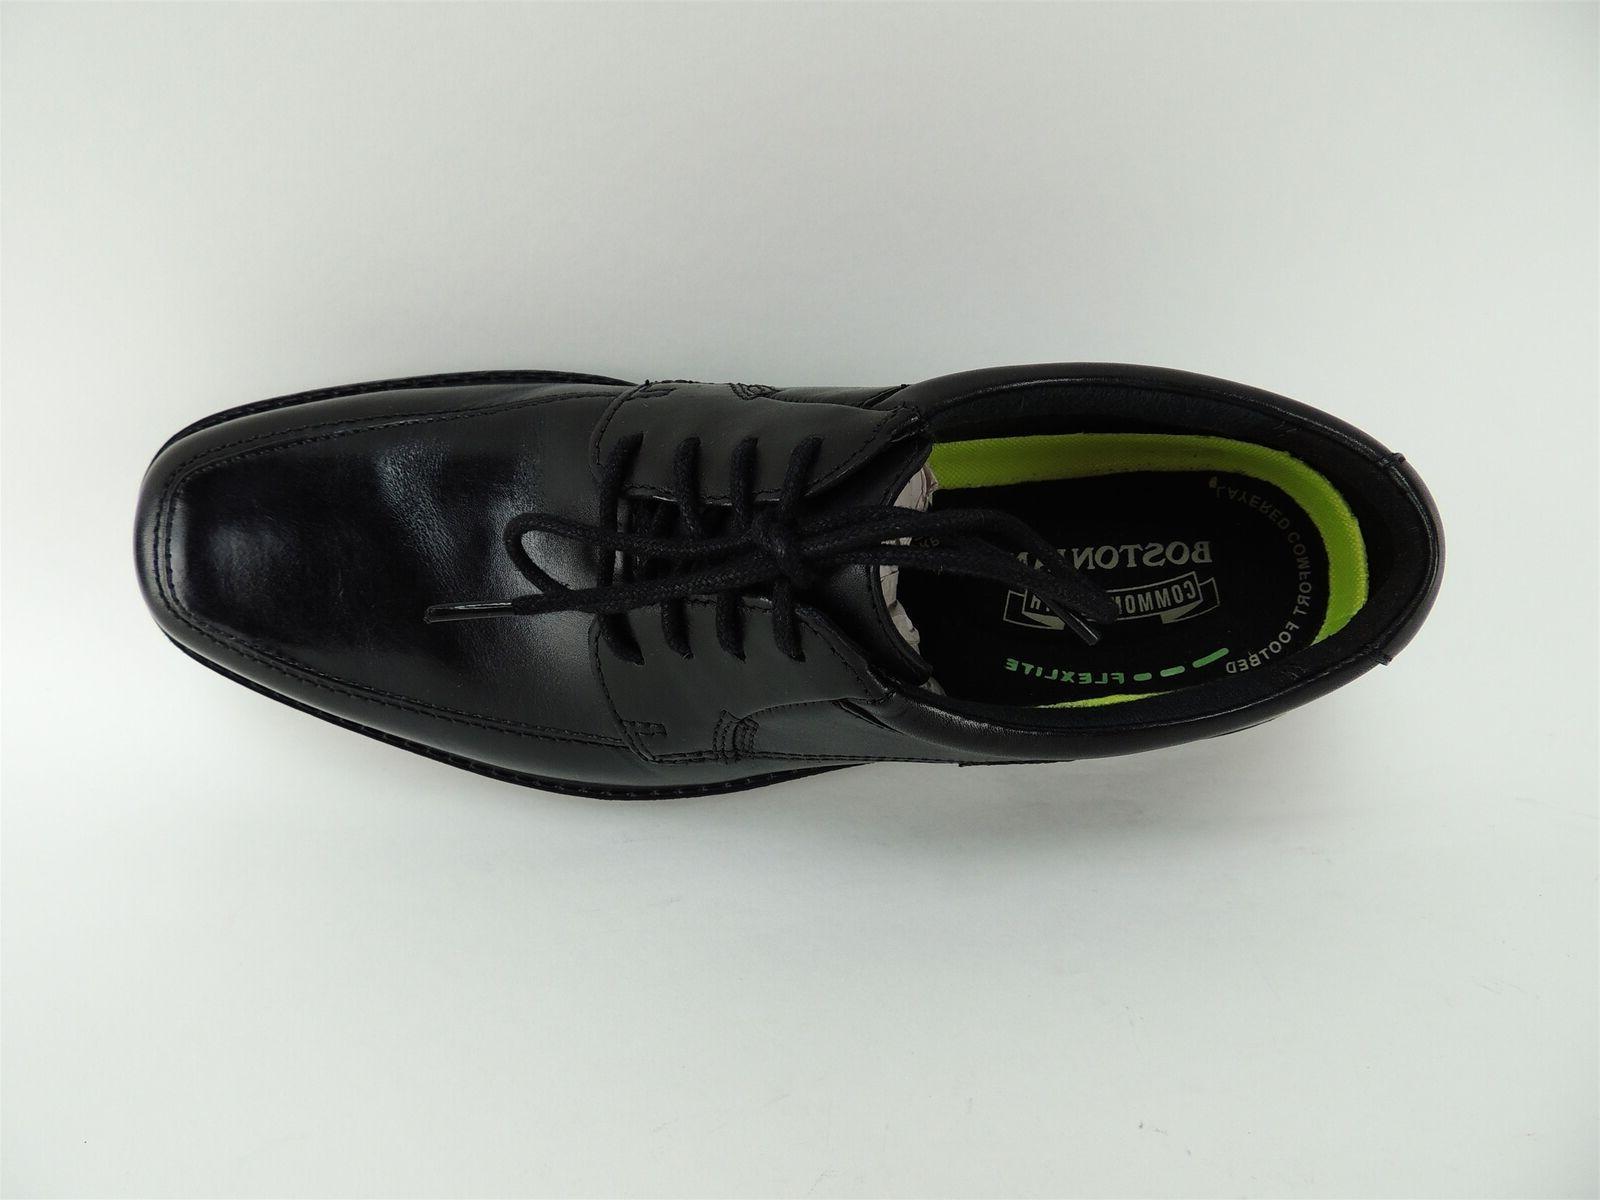 Bostonian Men's Ipswich Oxfords Leather